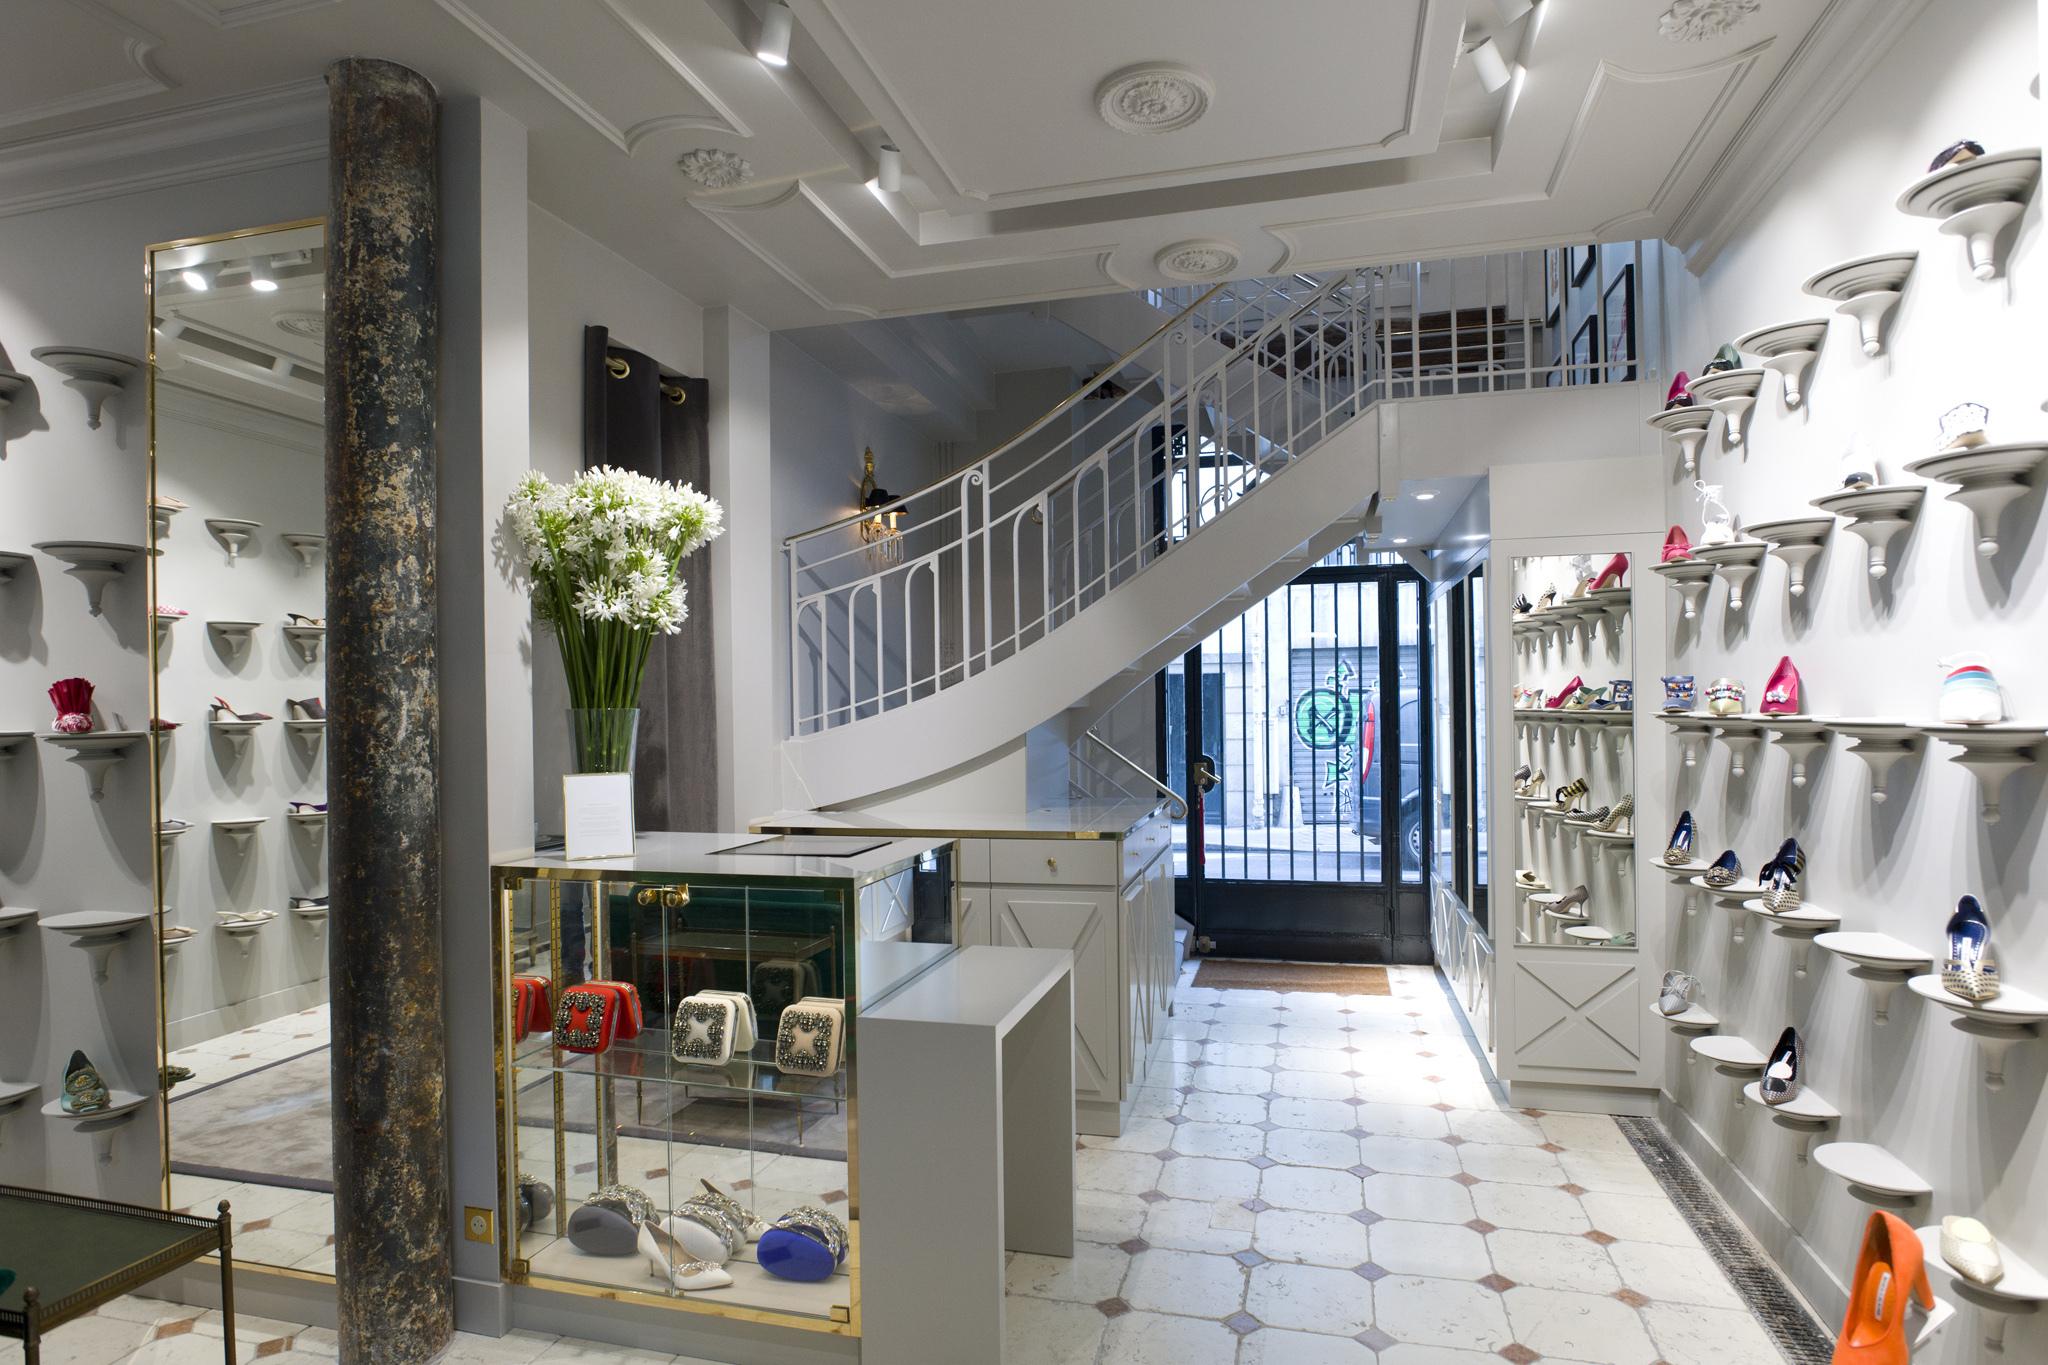 Manolo Blahnik new store in Paris at Palais Royal